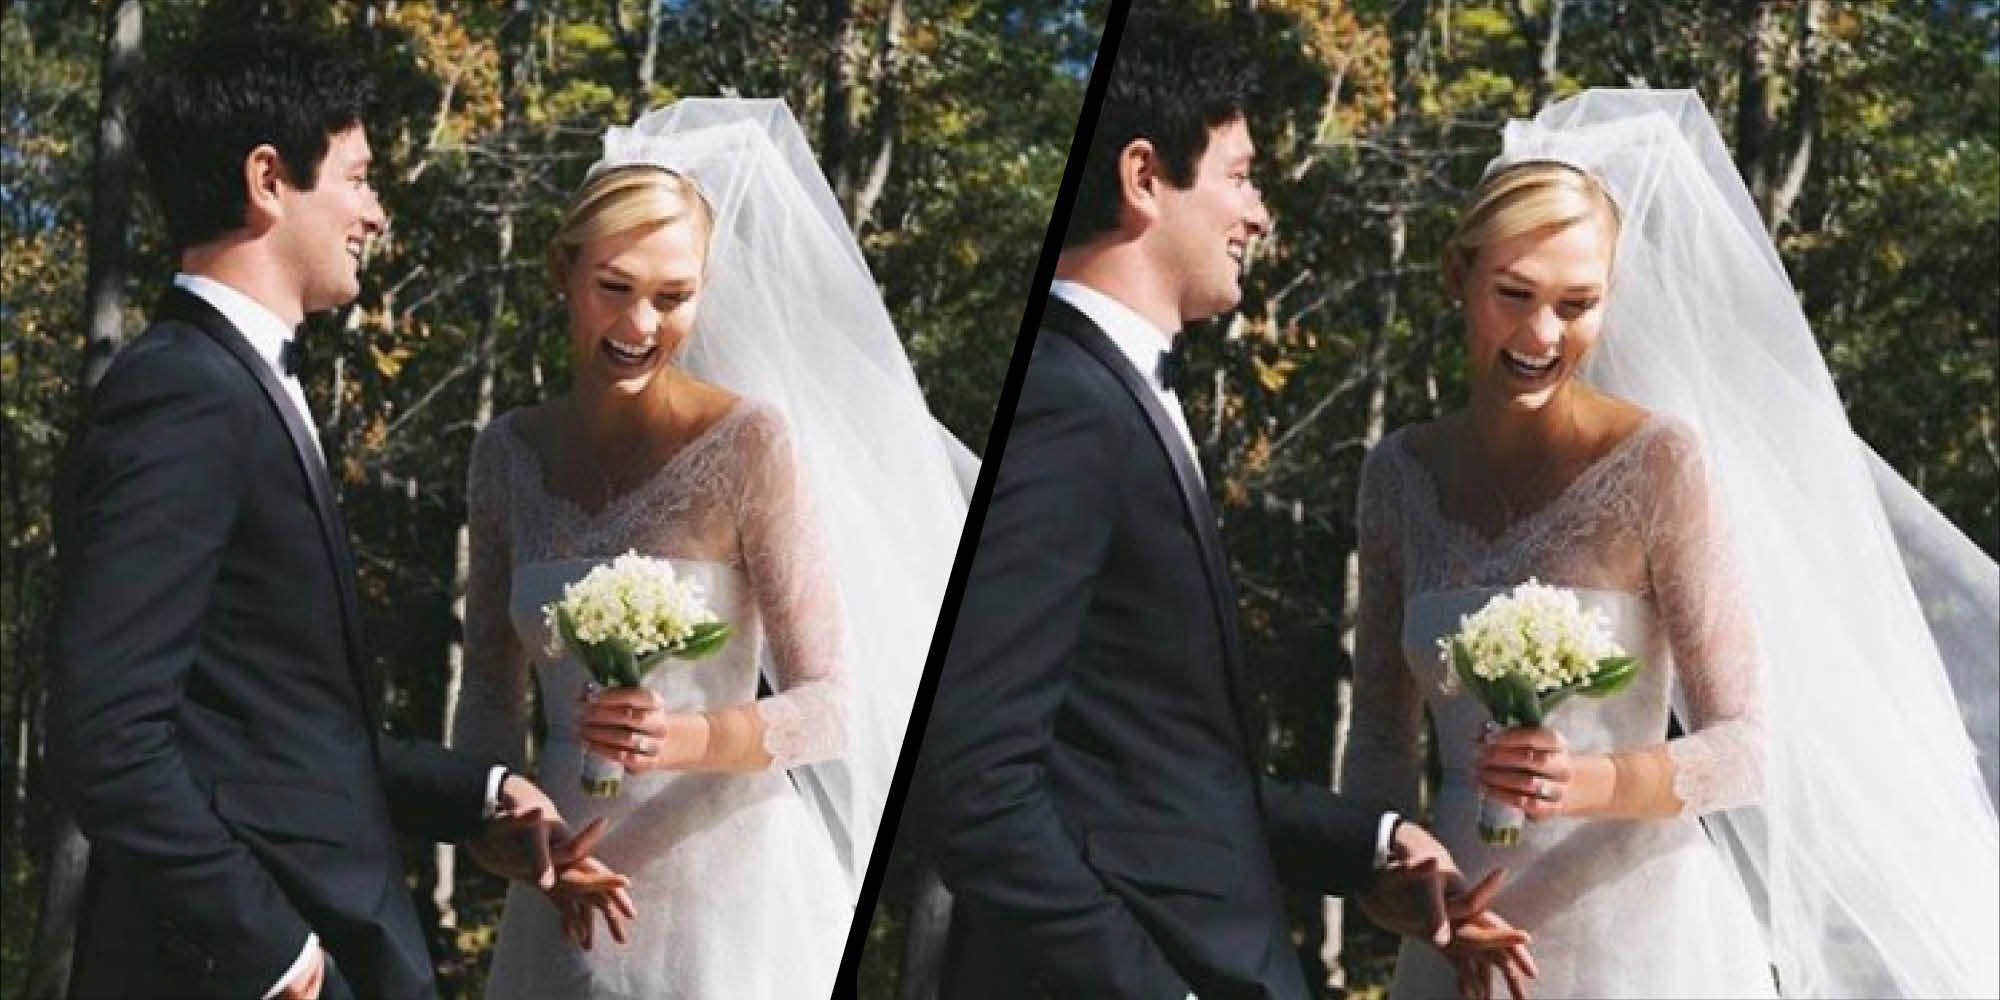 Karlie Kloss' wedding dress